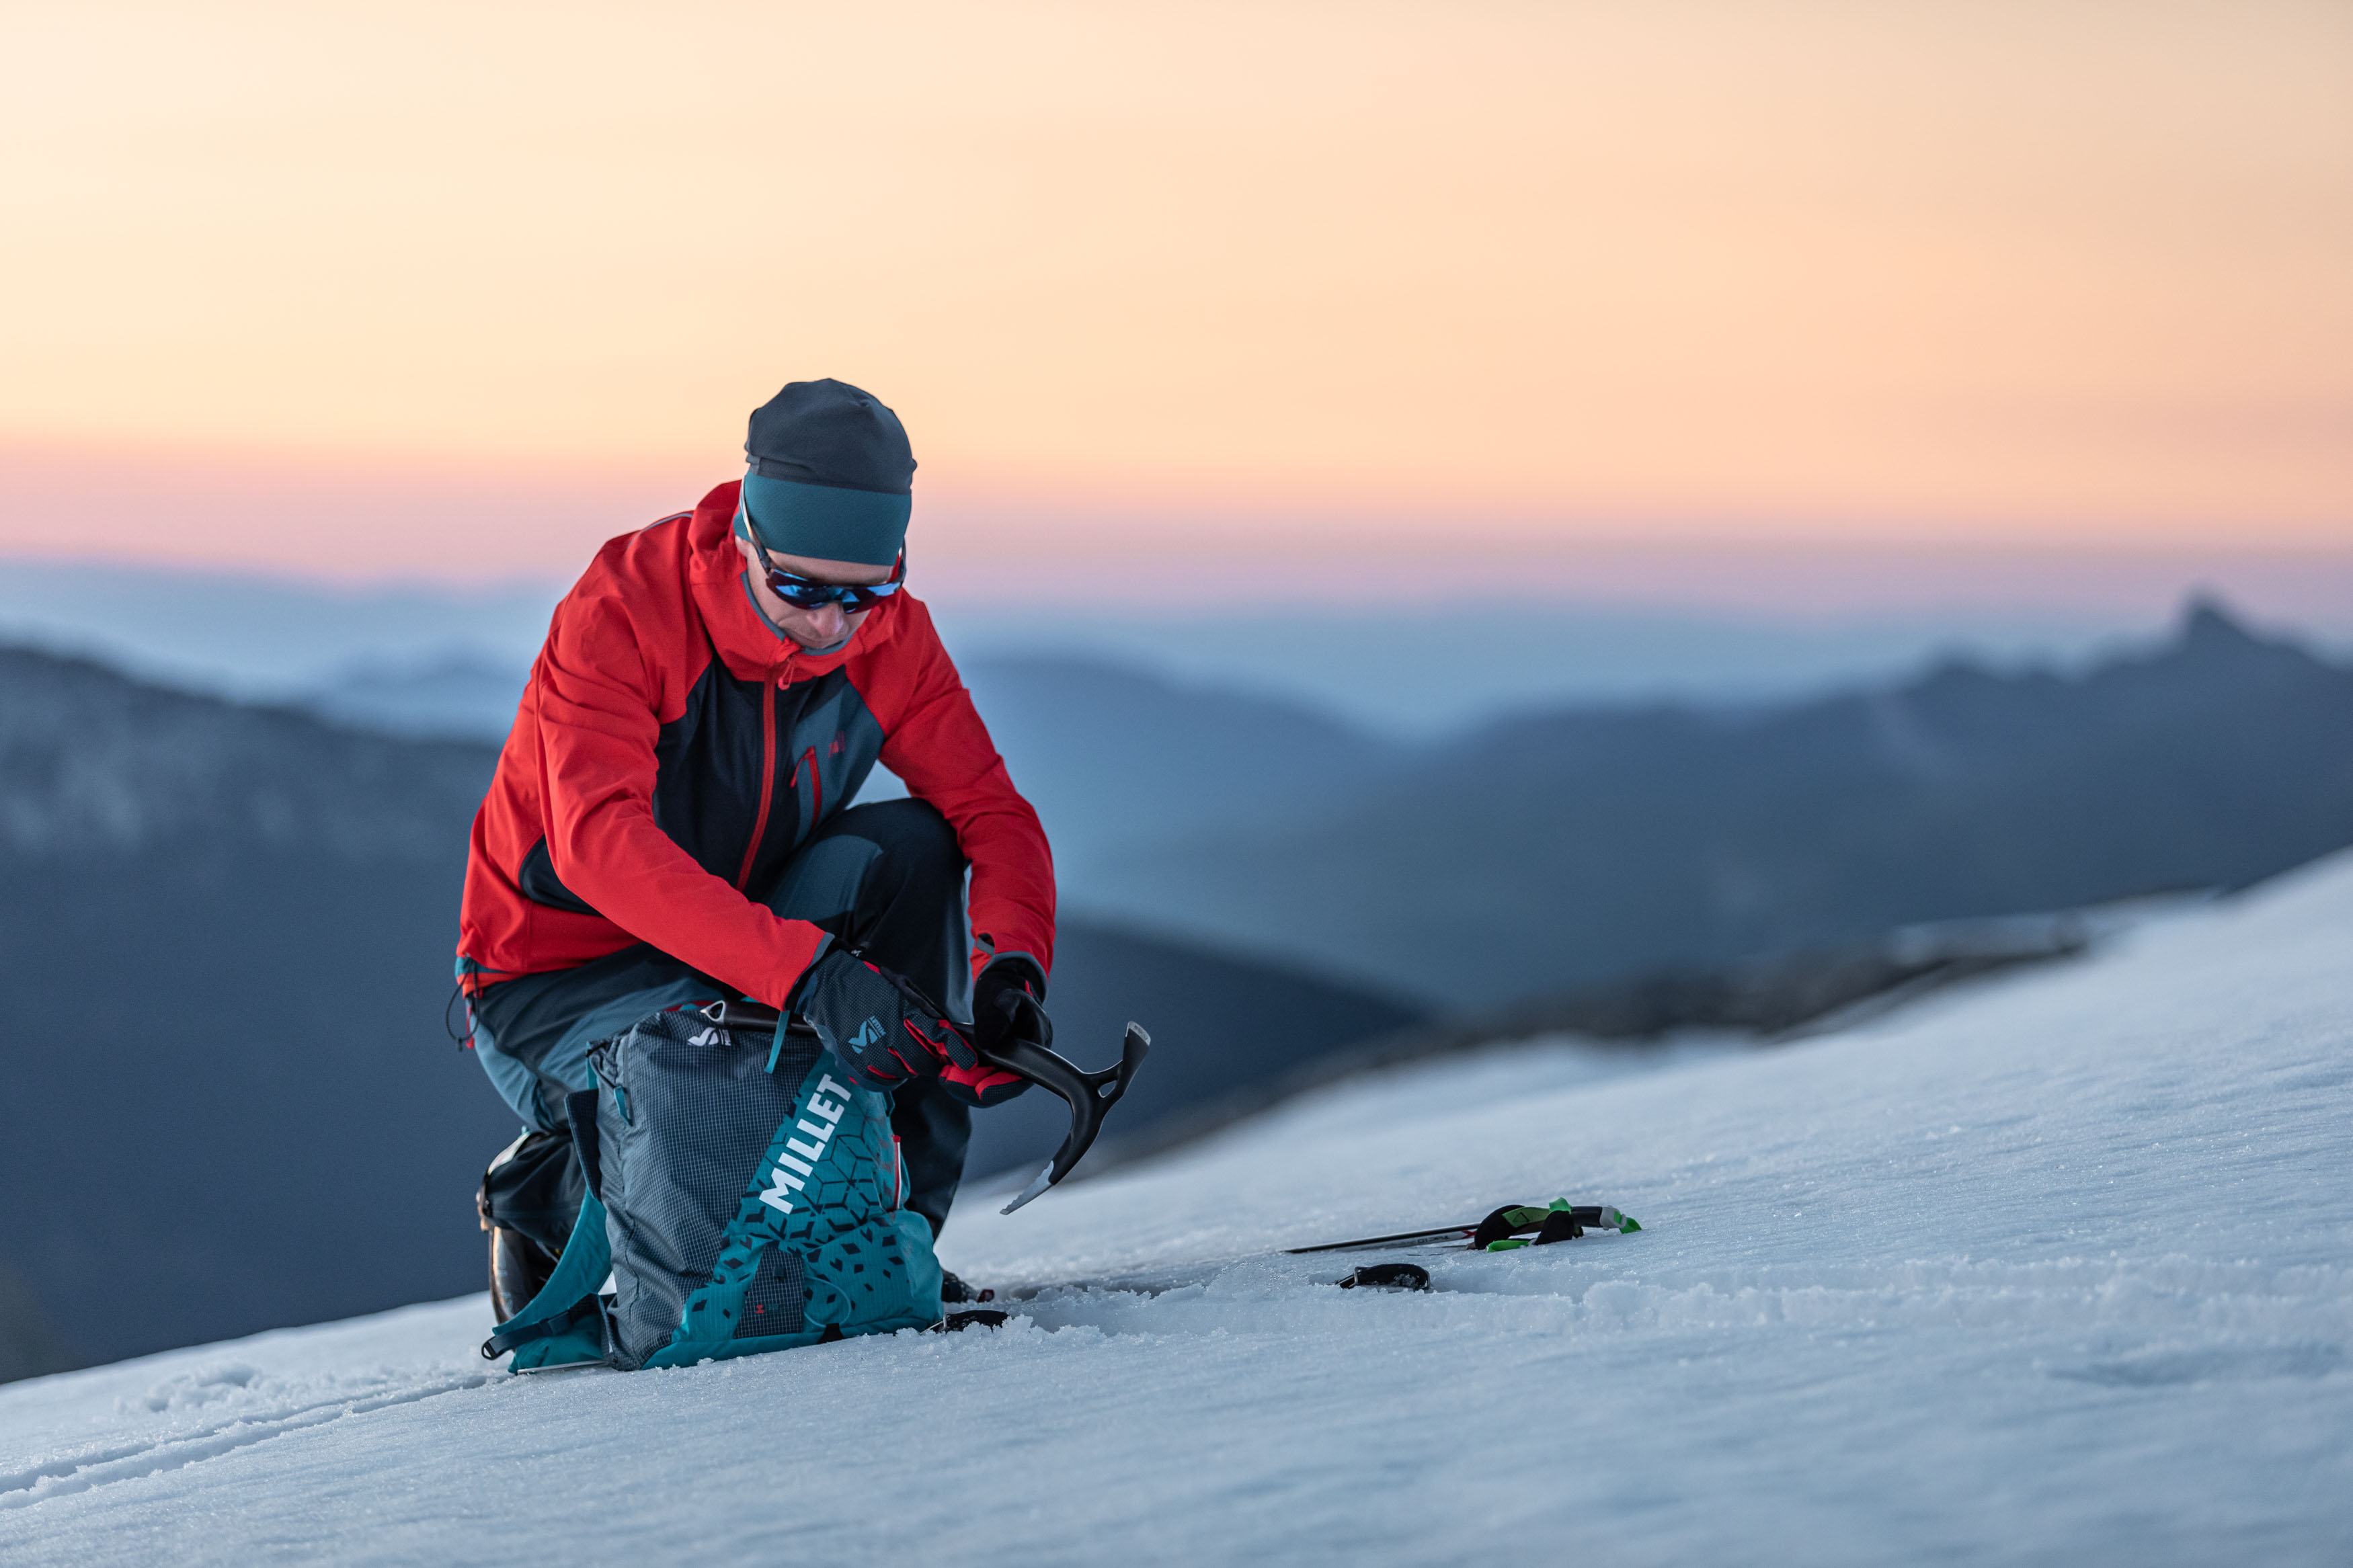 Zestaw skitourowy (fot. millet.fr)